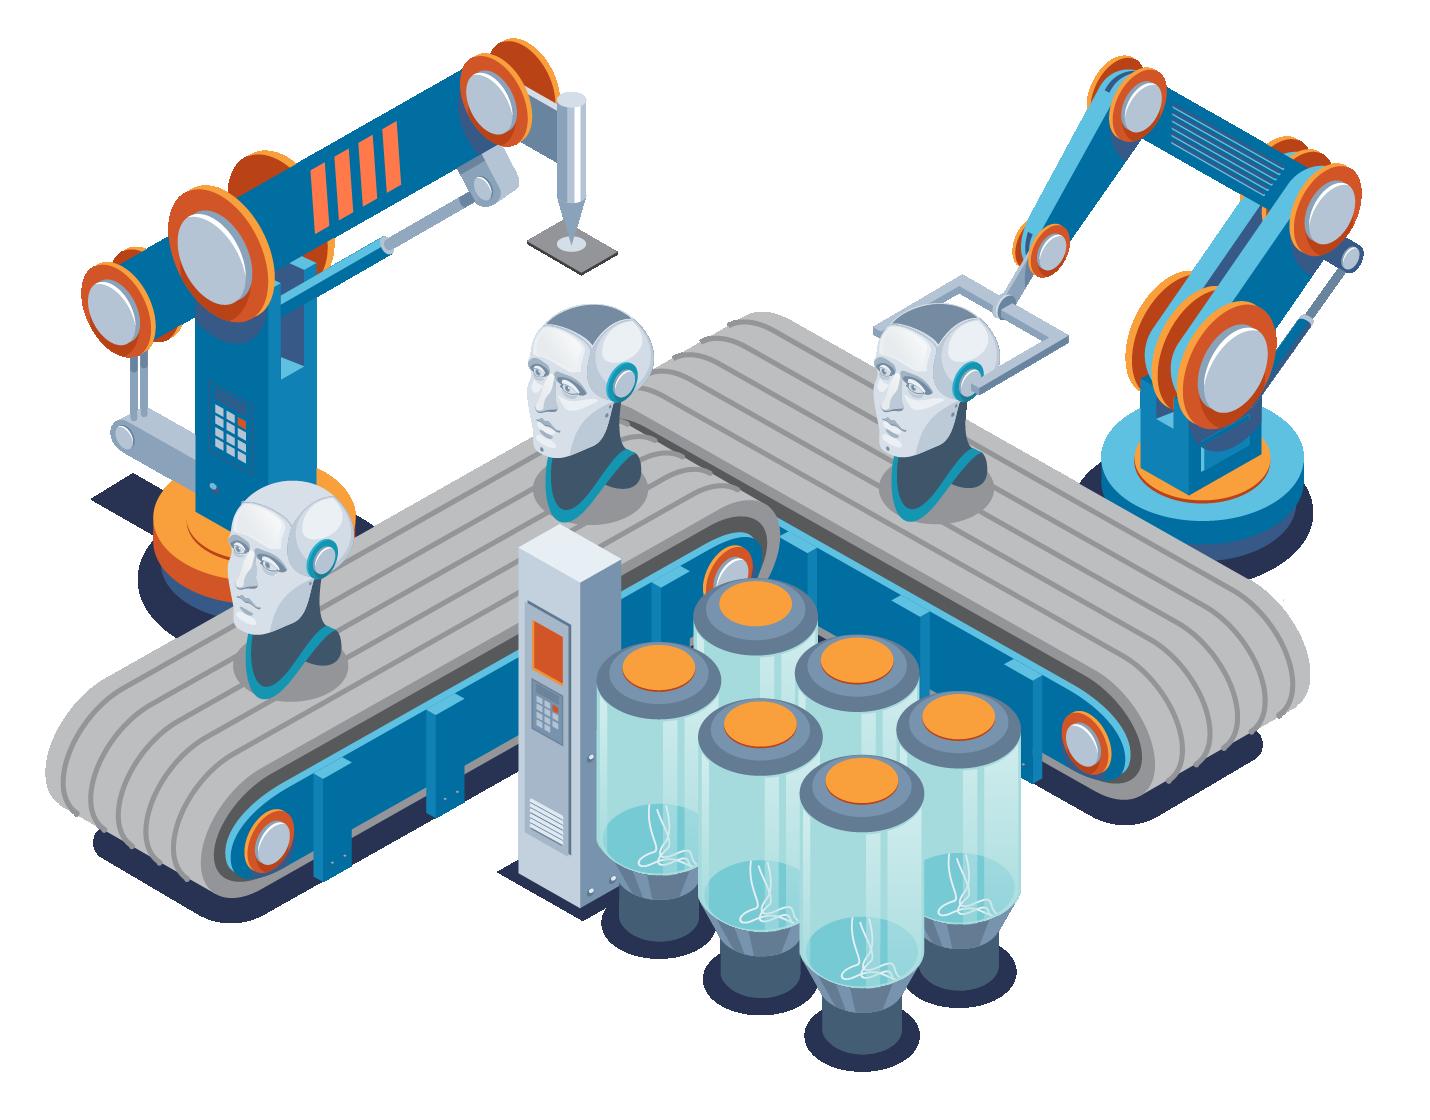 Conveyor belt simulation